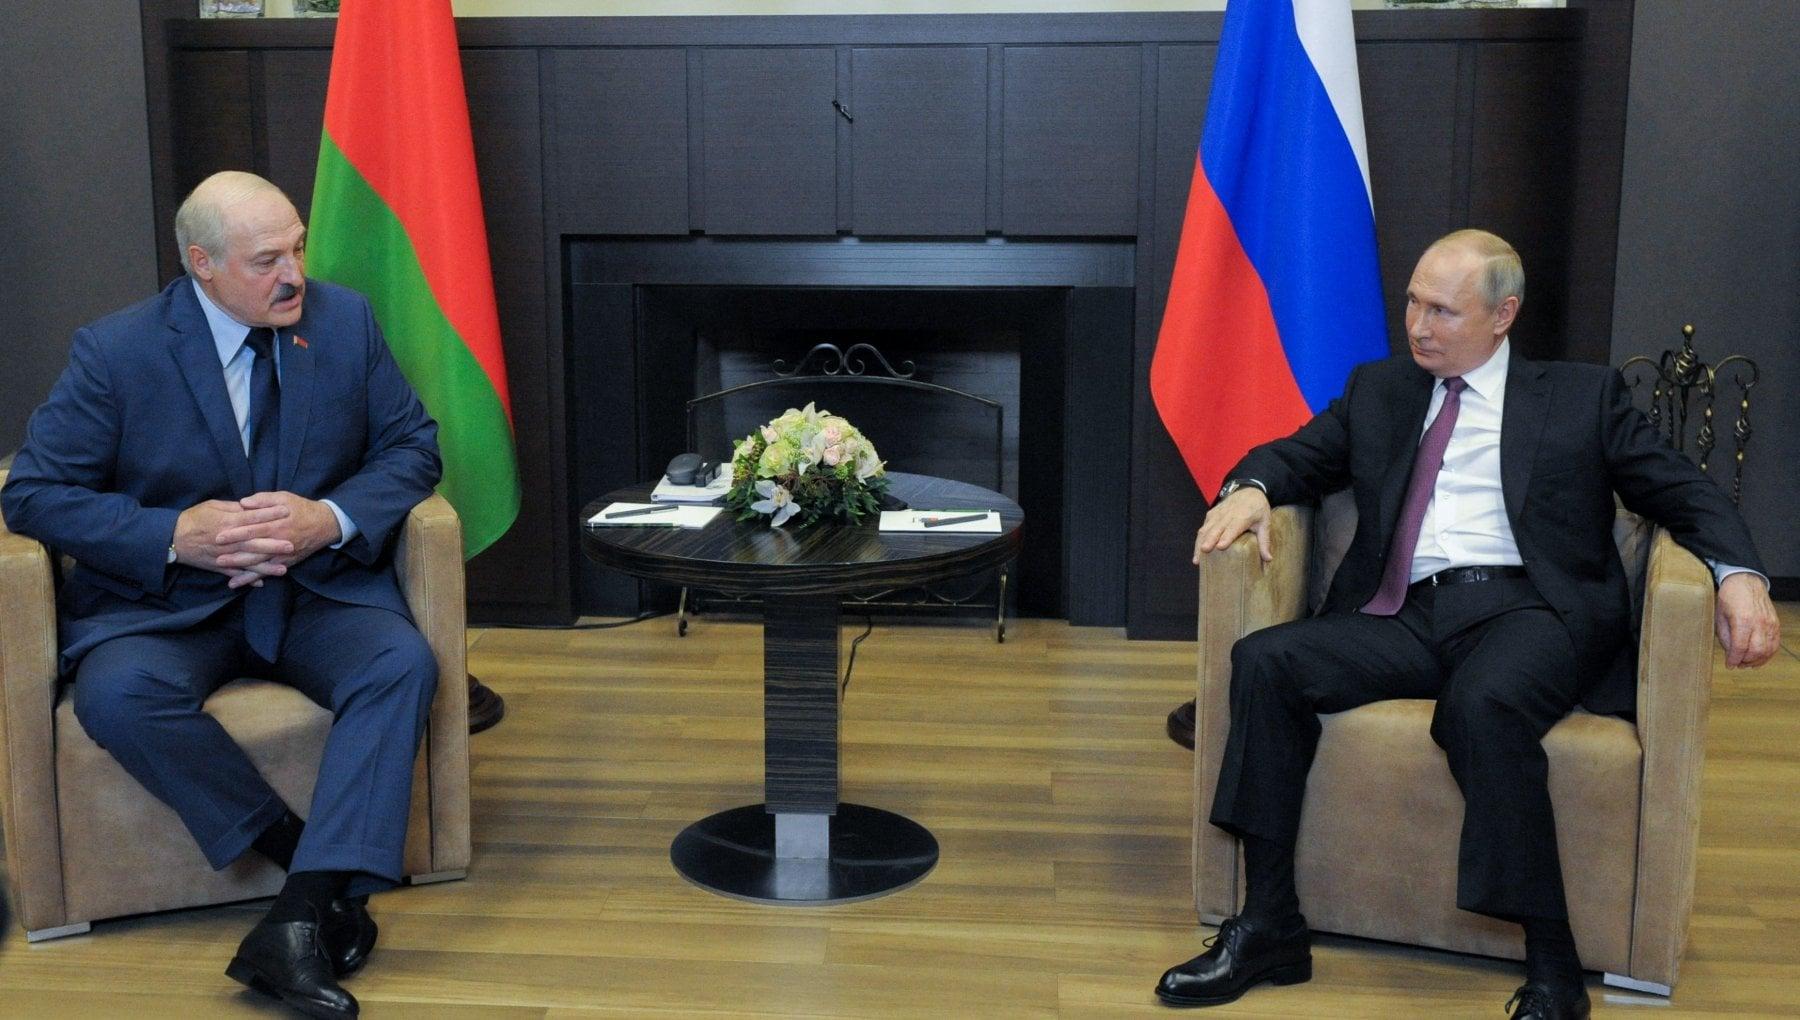 204055024 896b4a9a 9b89 4772 979f 9ac370f7c18b - Bielorussia, Putin conferma il suo sostegno a Lukashenko. Perlomeno a parole